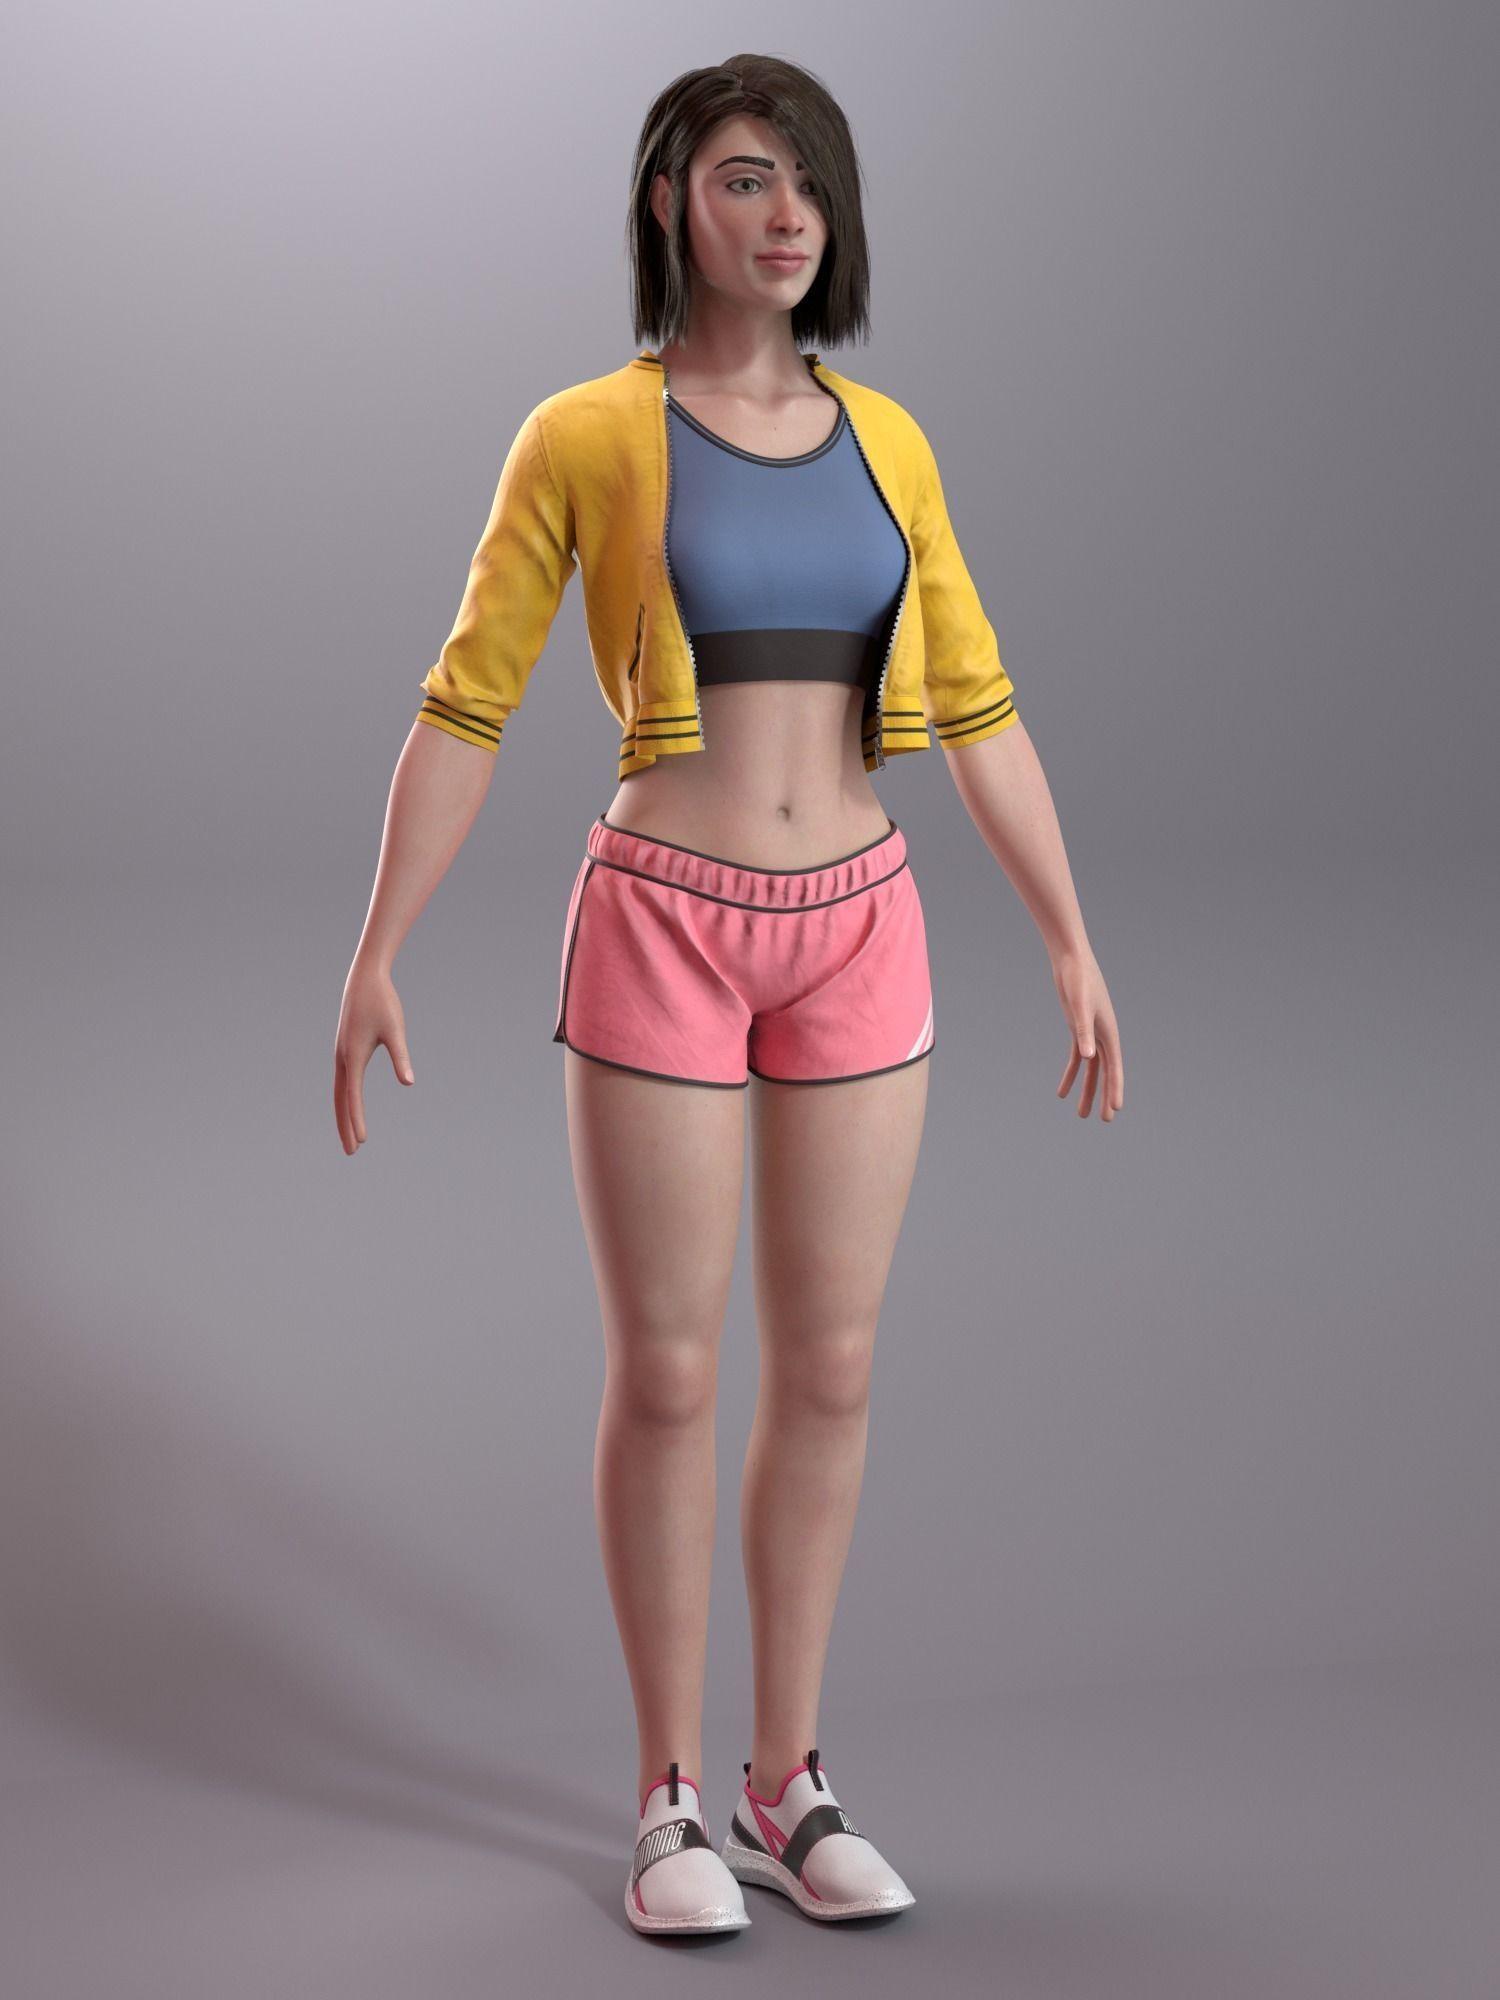 Girl in Sportswear